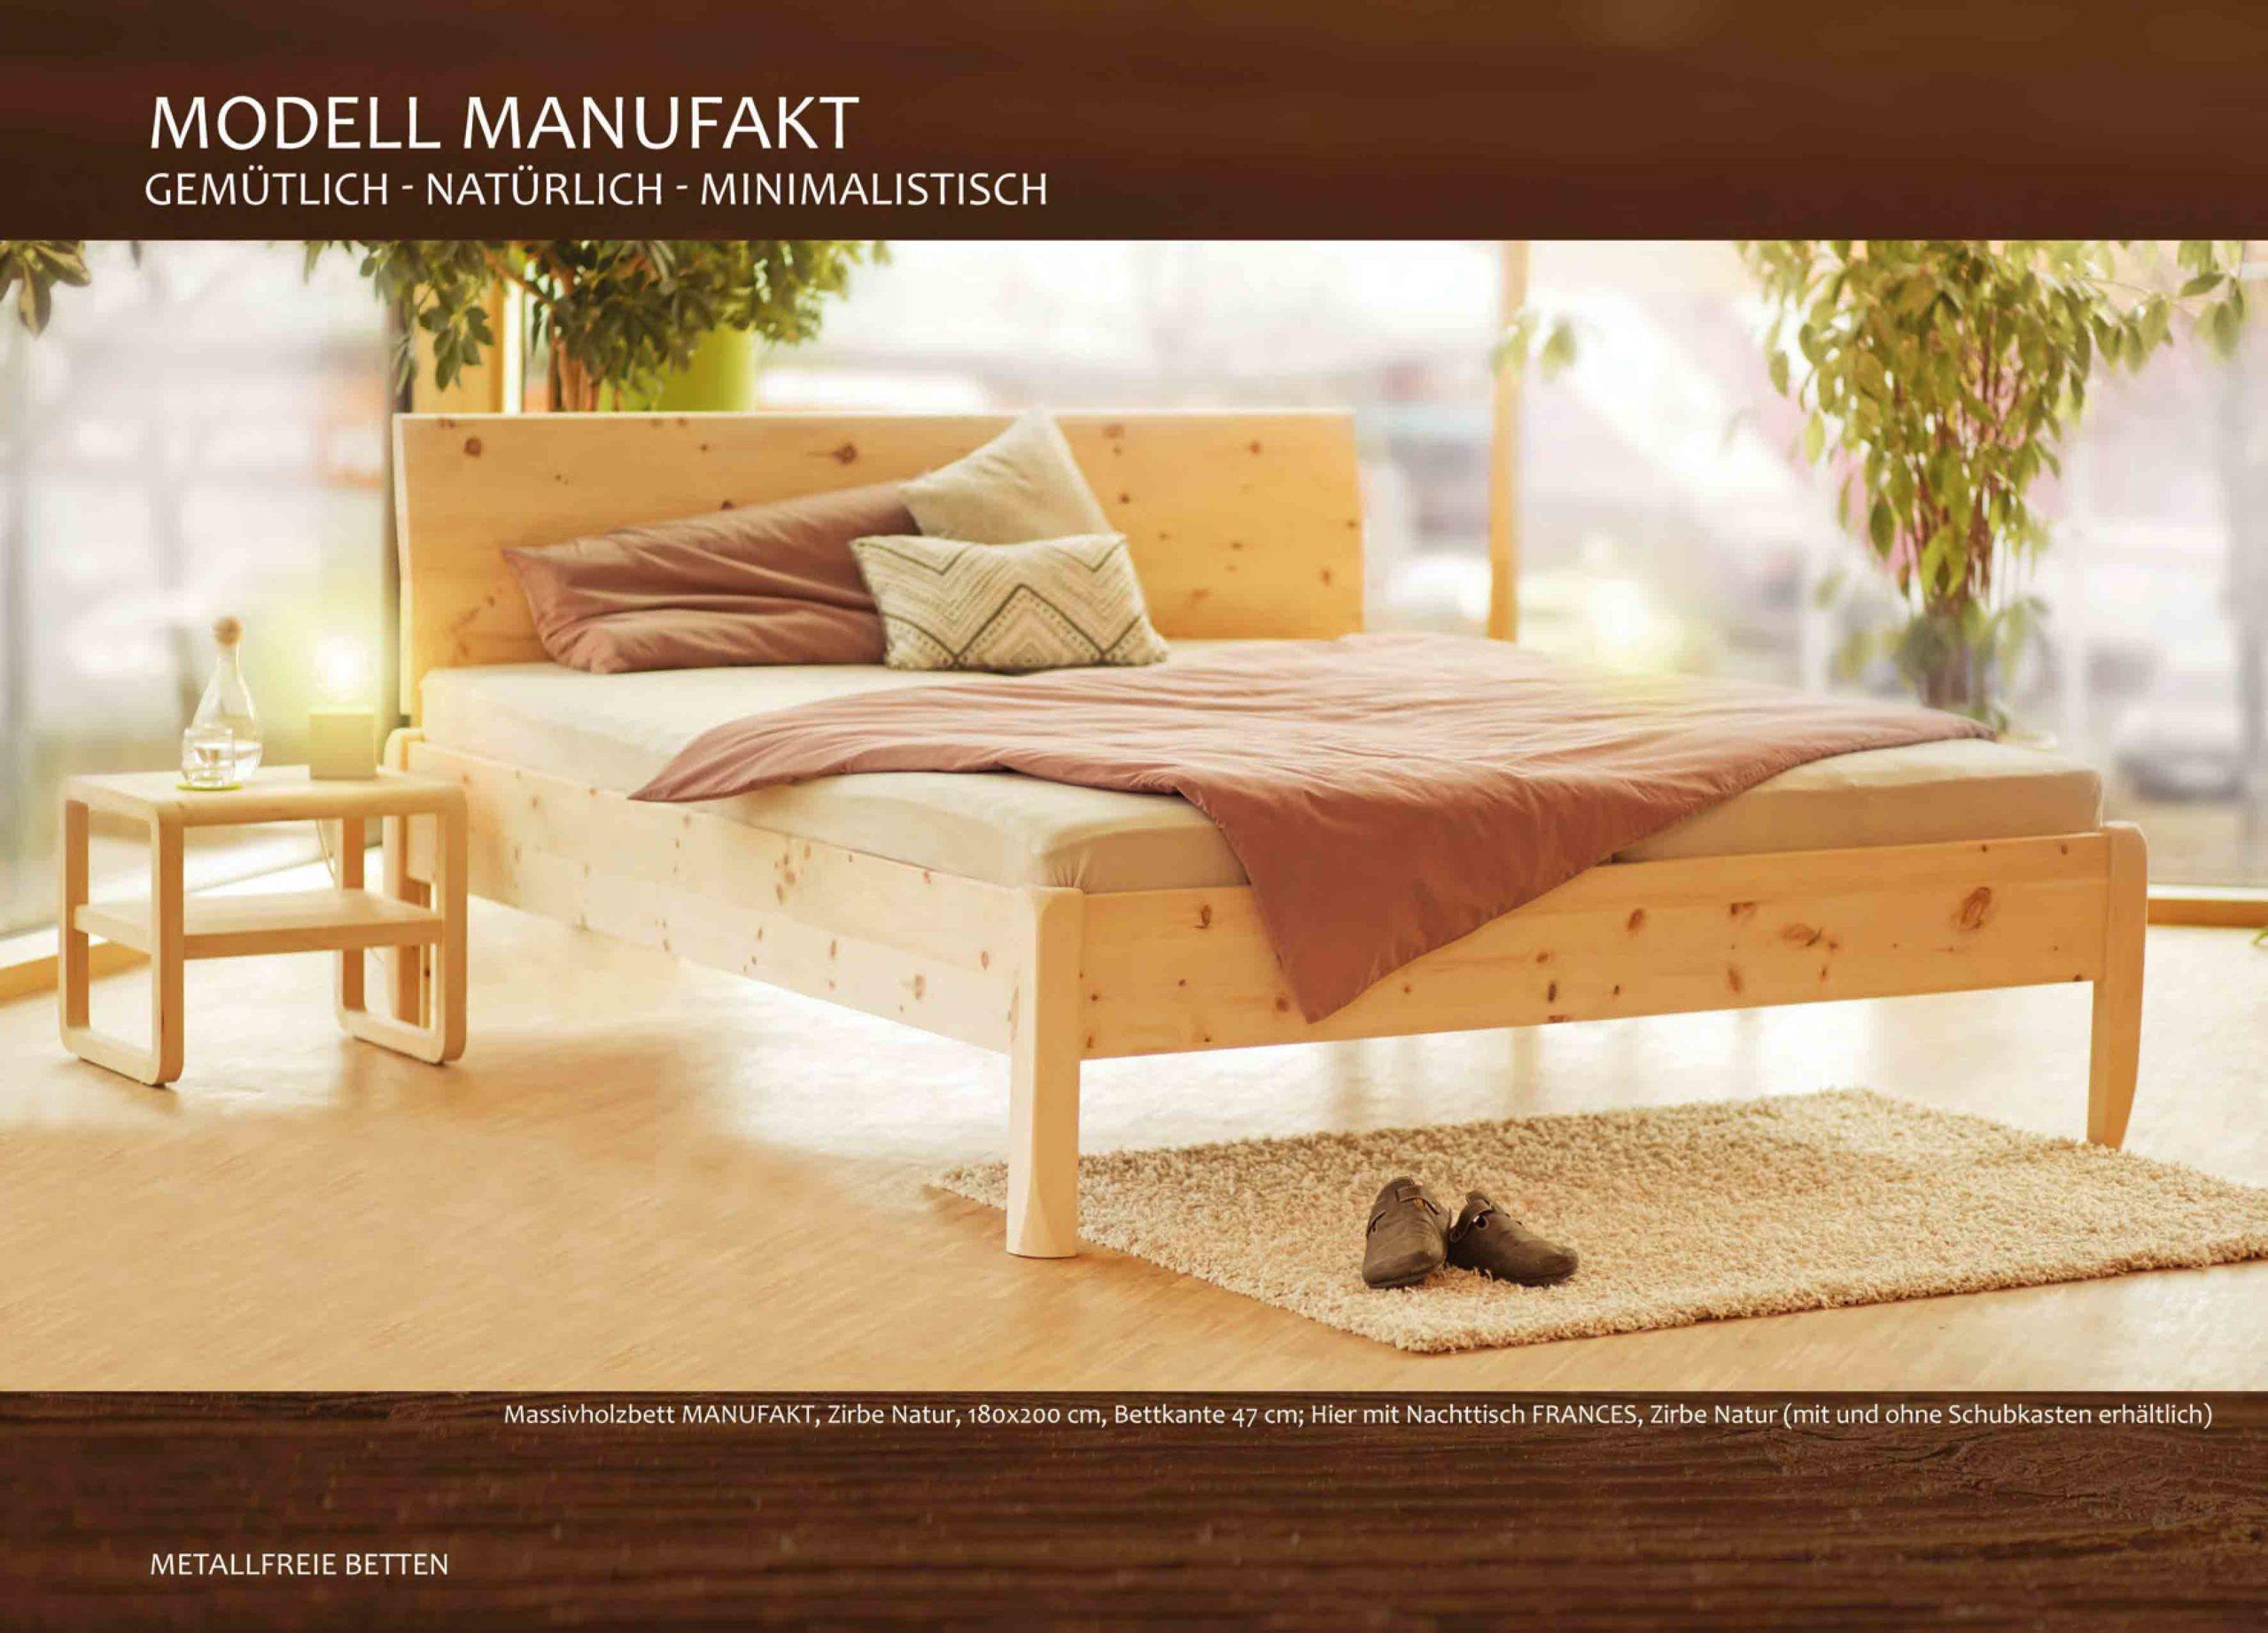 Zirbenholzbett Manufakt mit geschwungener Rückenlehne